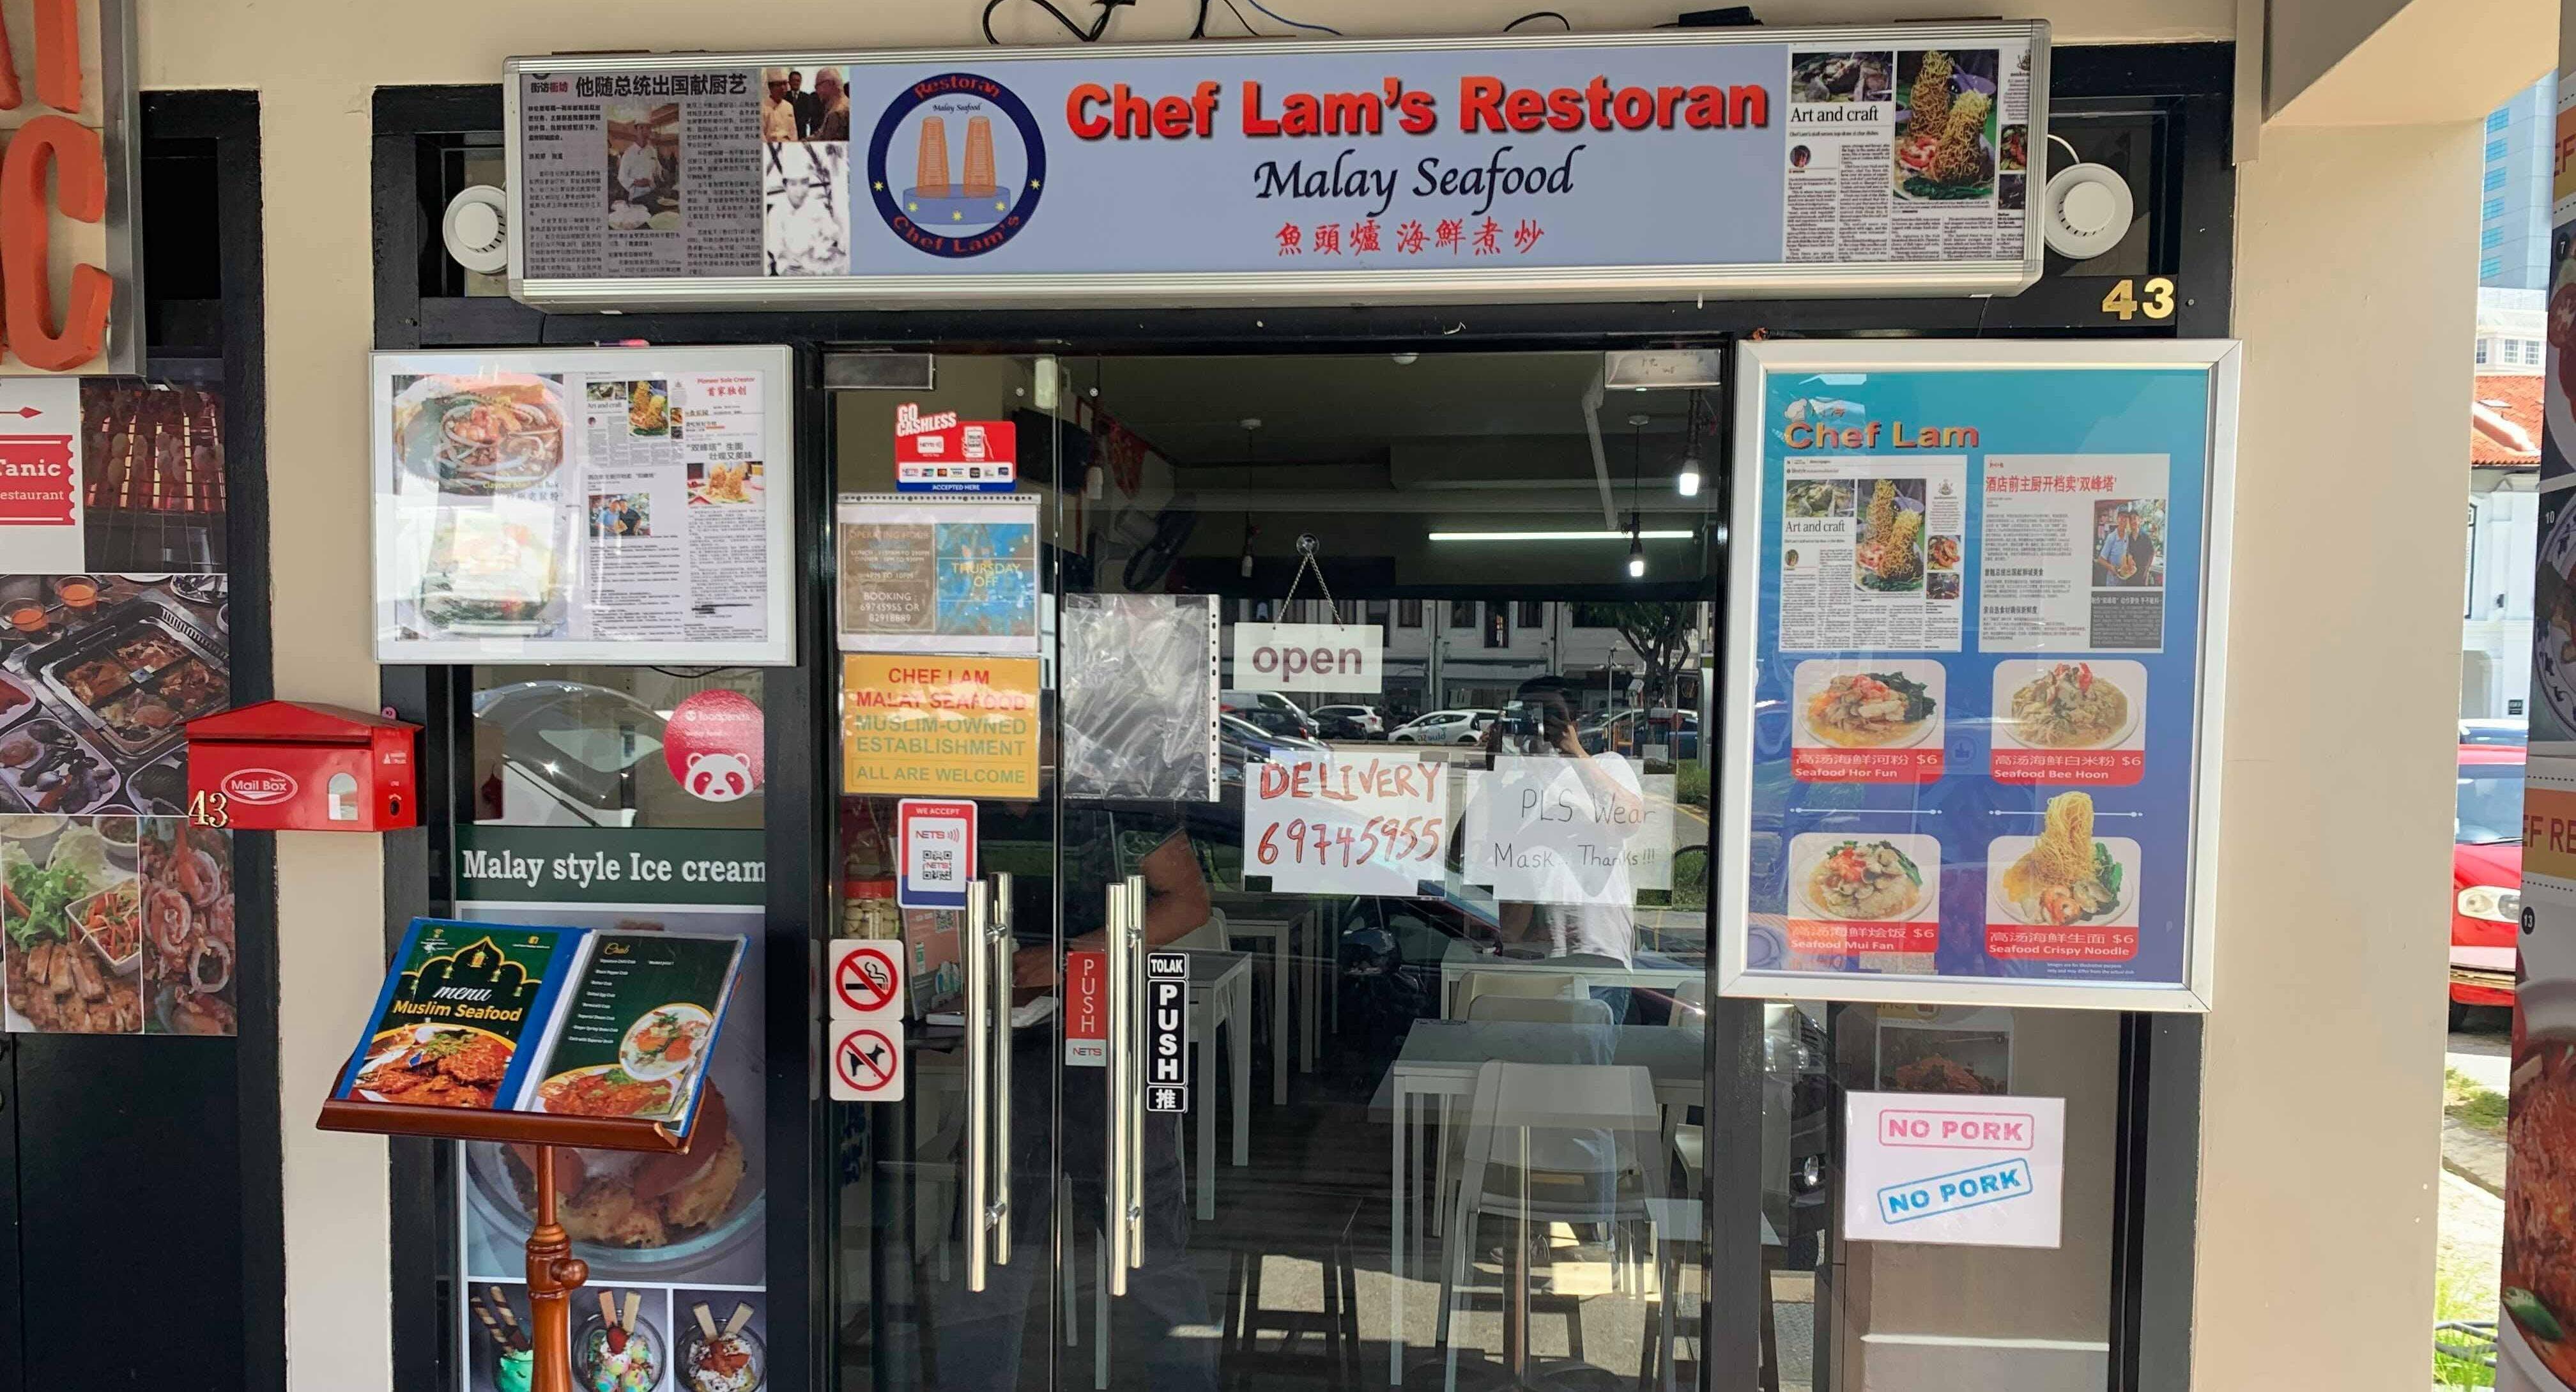 Chef Lam's Restoran